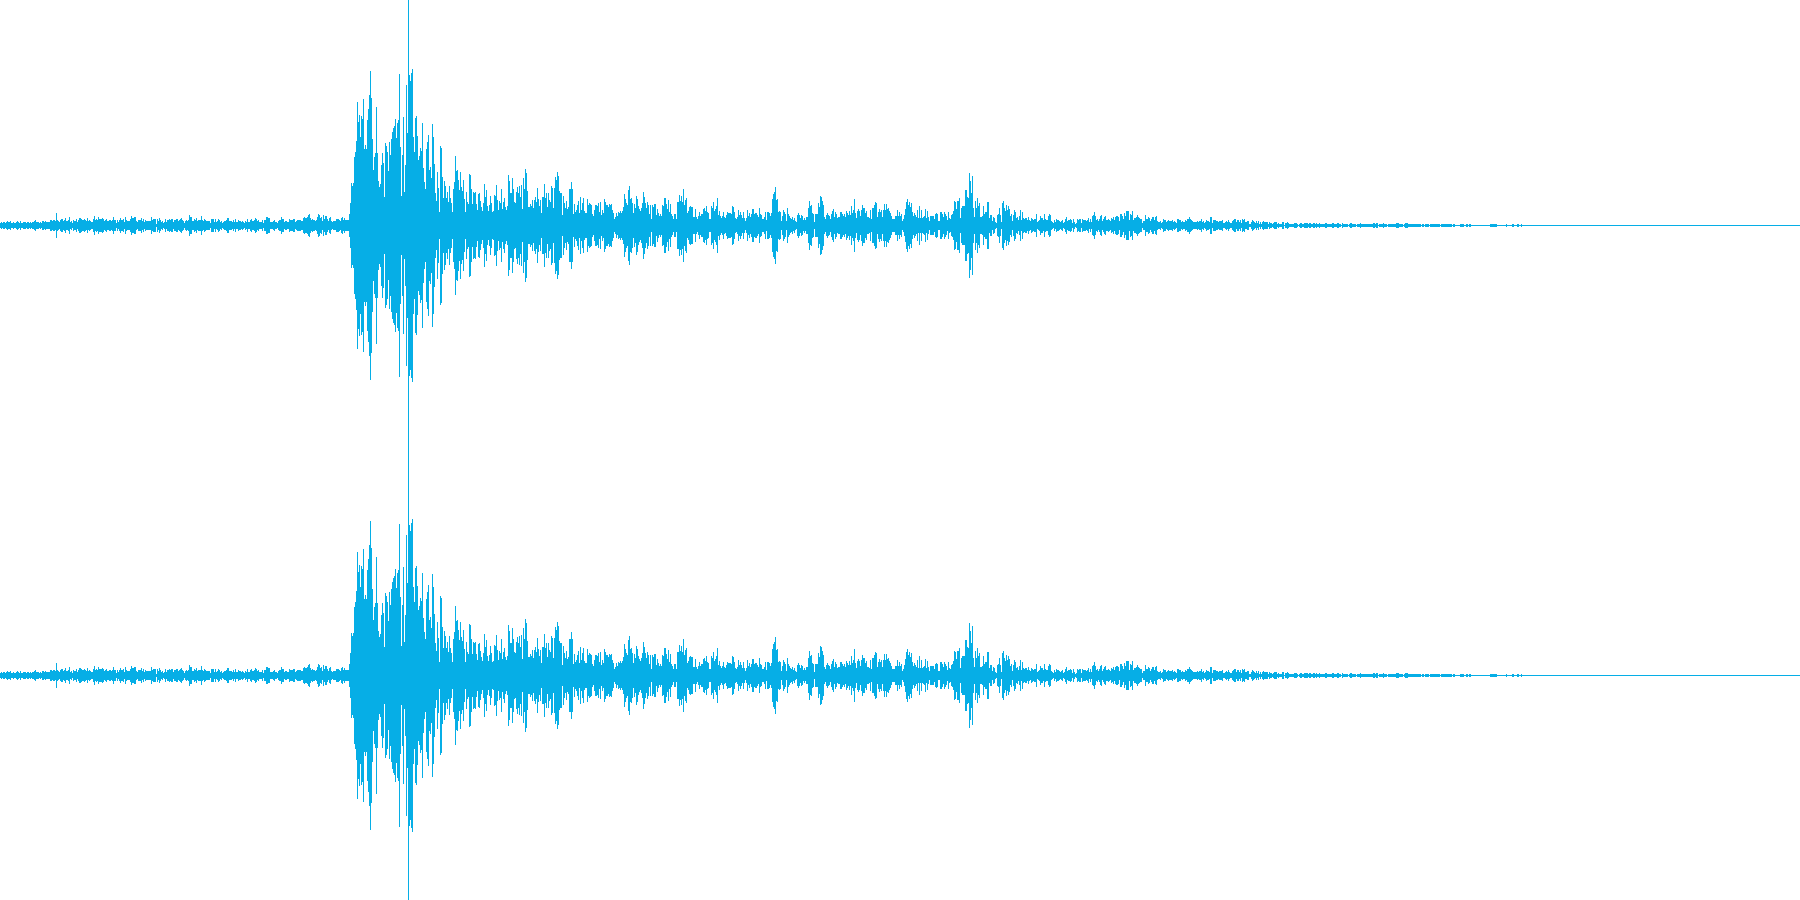 雷の音の再生済みの波形